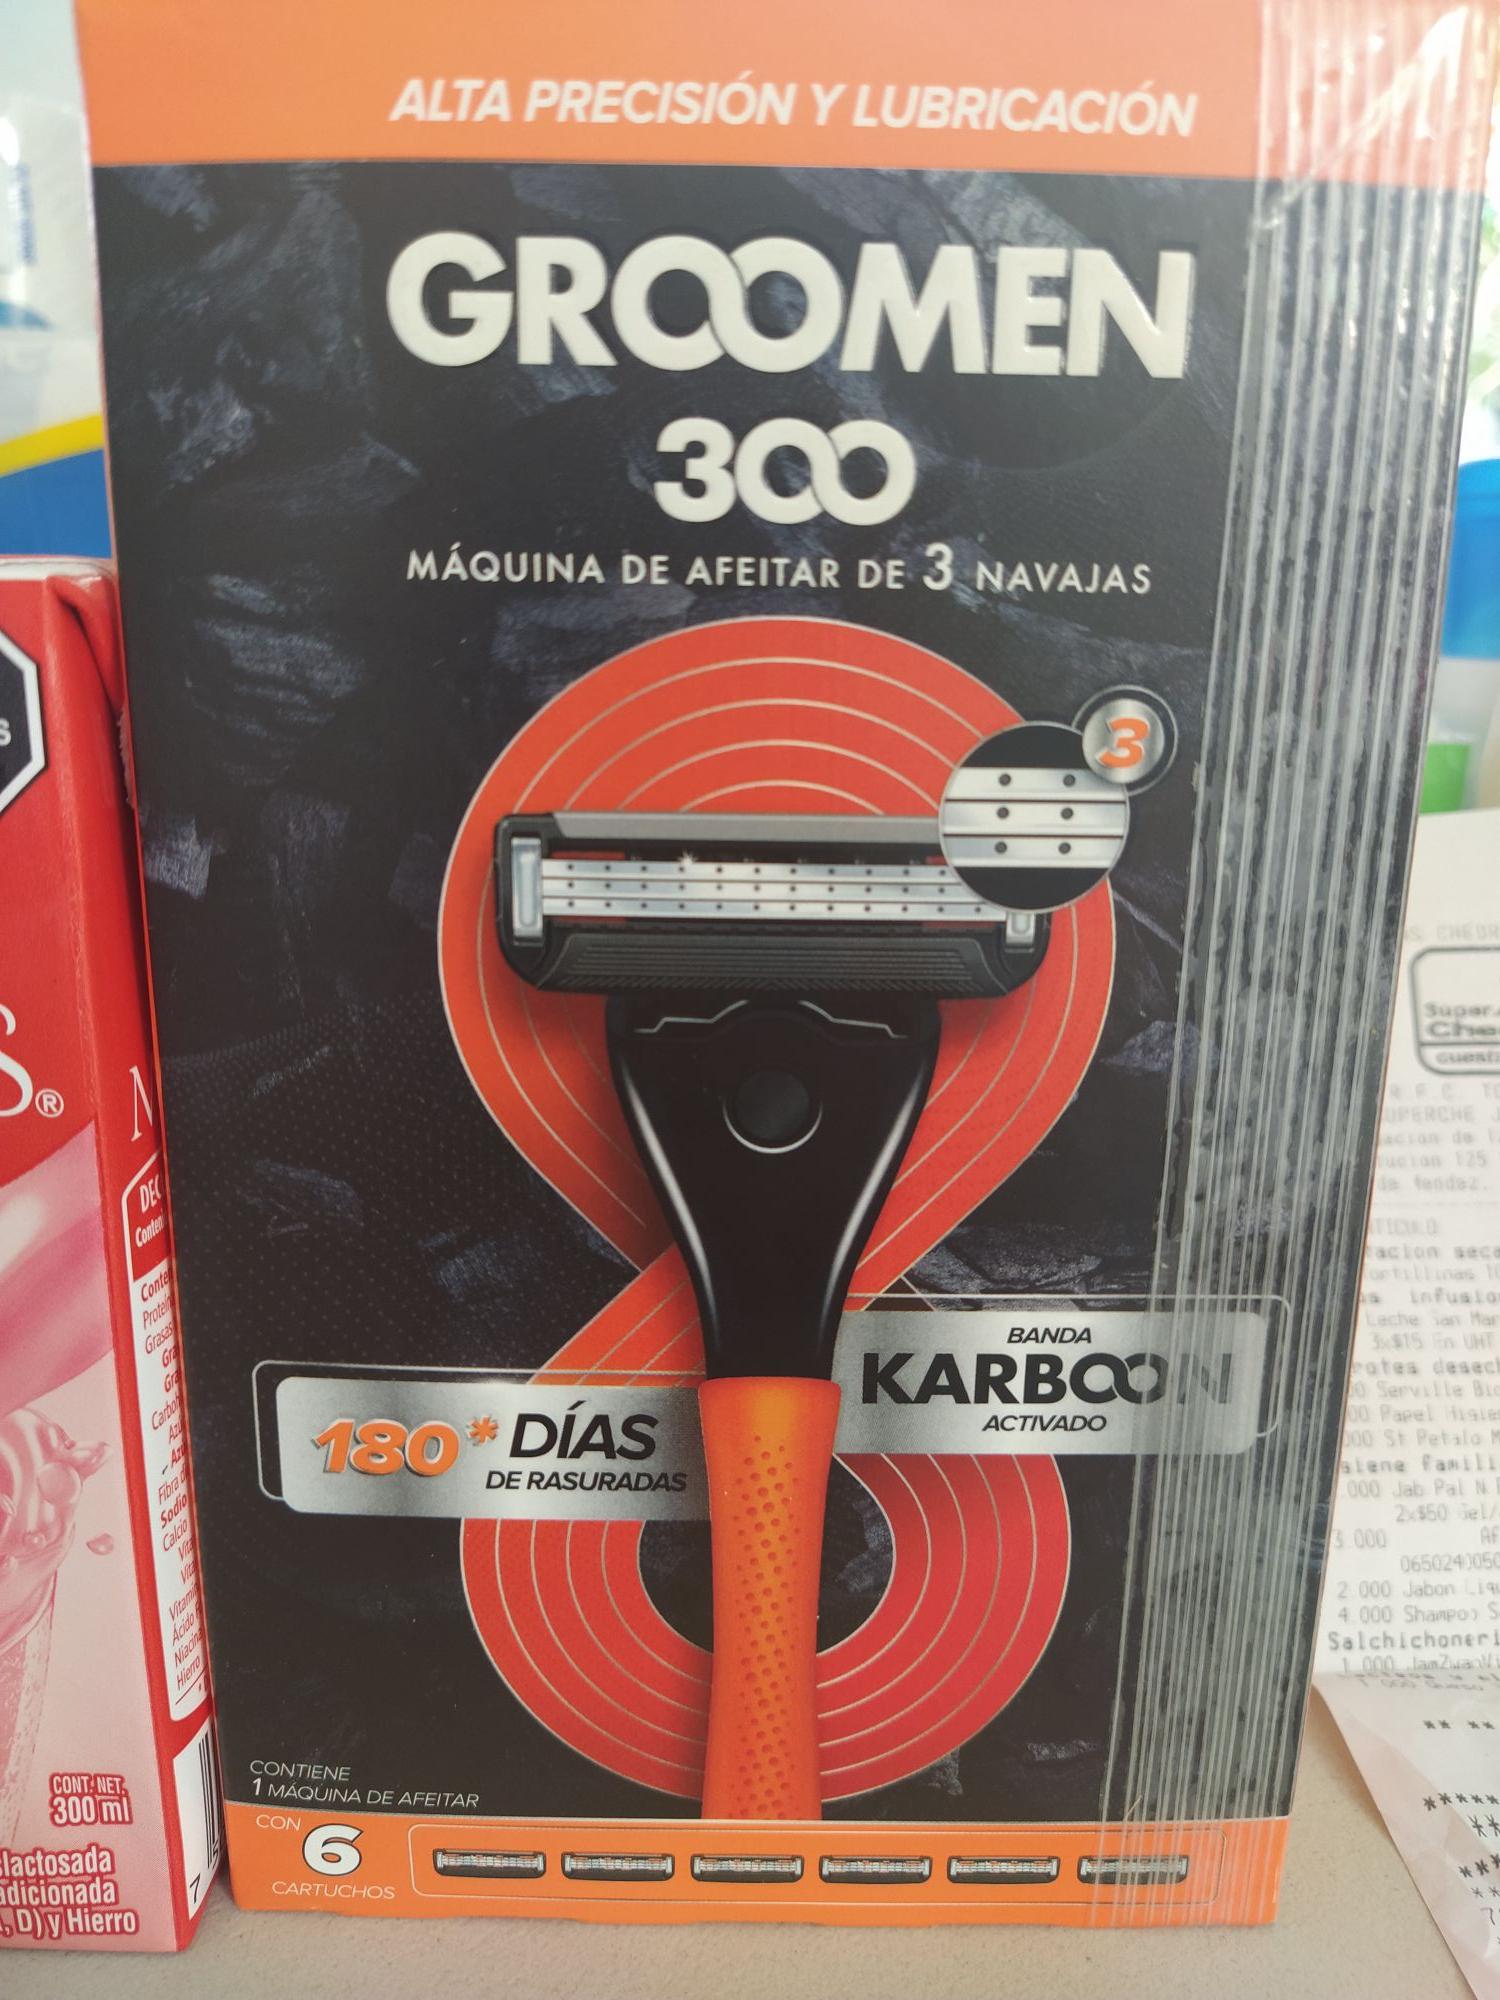 Super Che Tabasco: Máquina de Afeitar Groomen 300